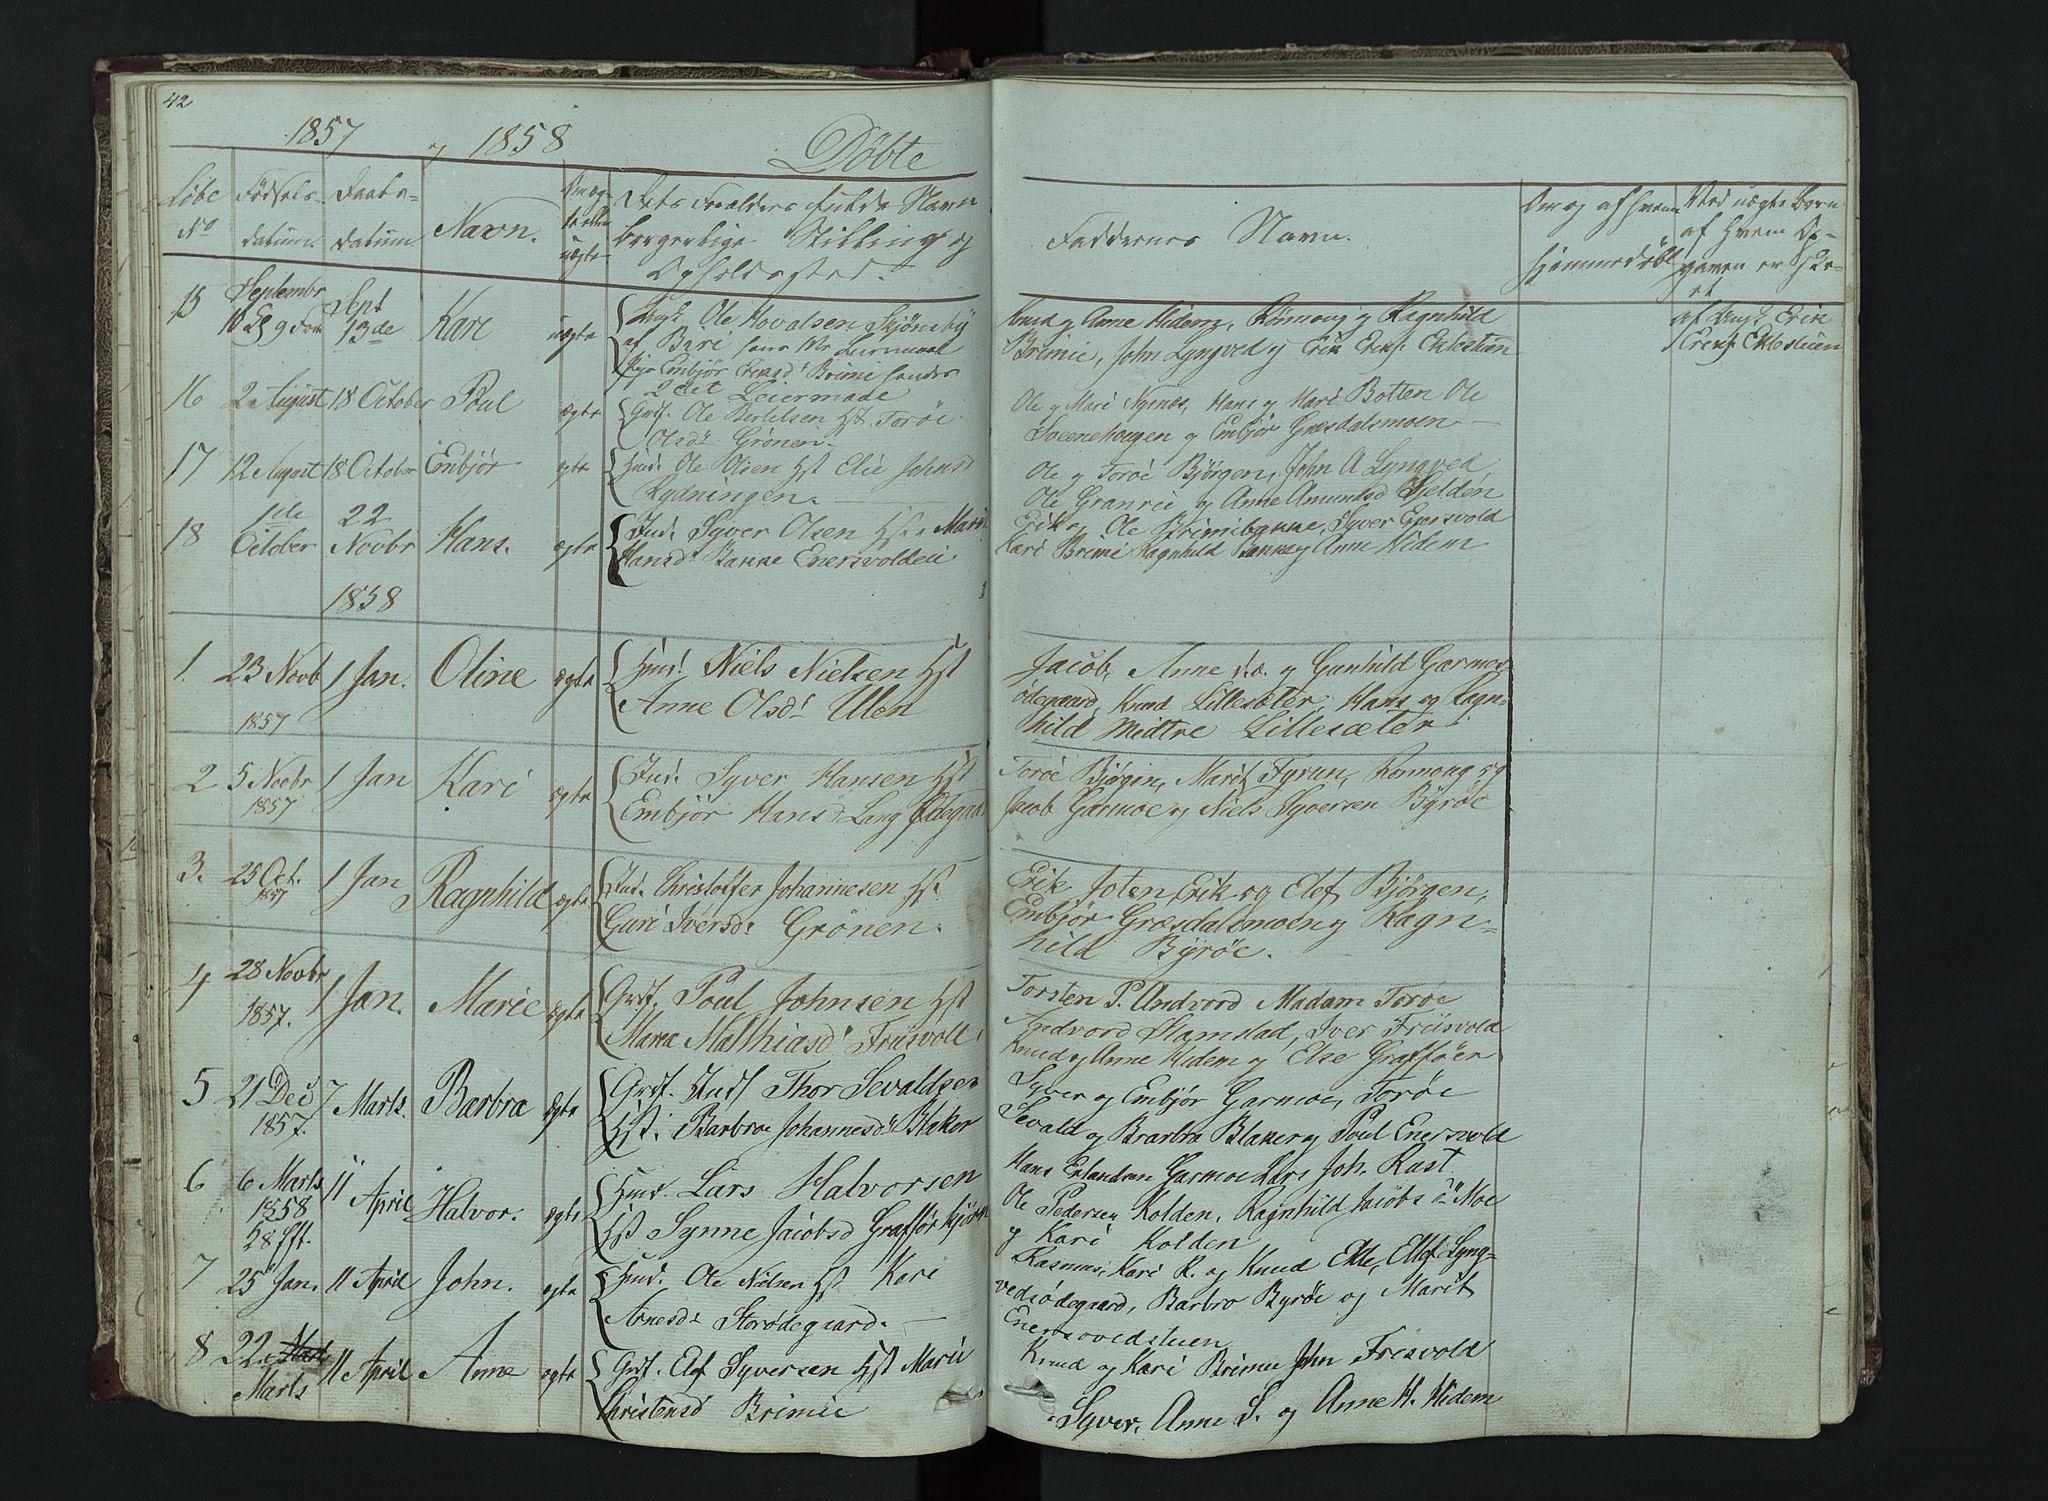 SAH, Lom prestekontor, L/L0014: Klokkerbok nr. 14, 1845-1876, s. 42-43